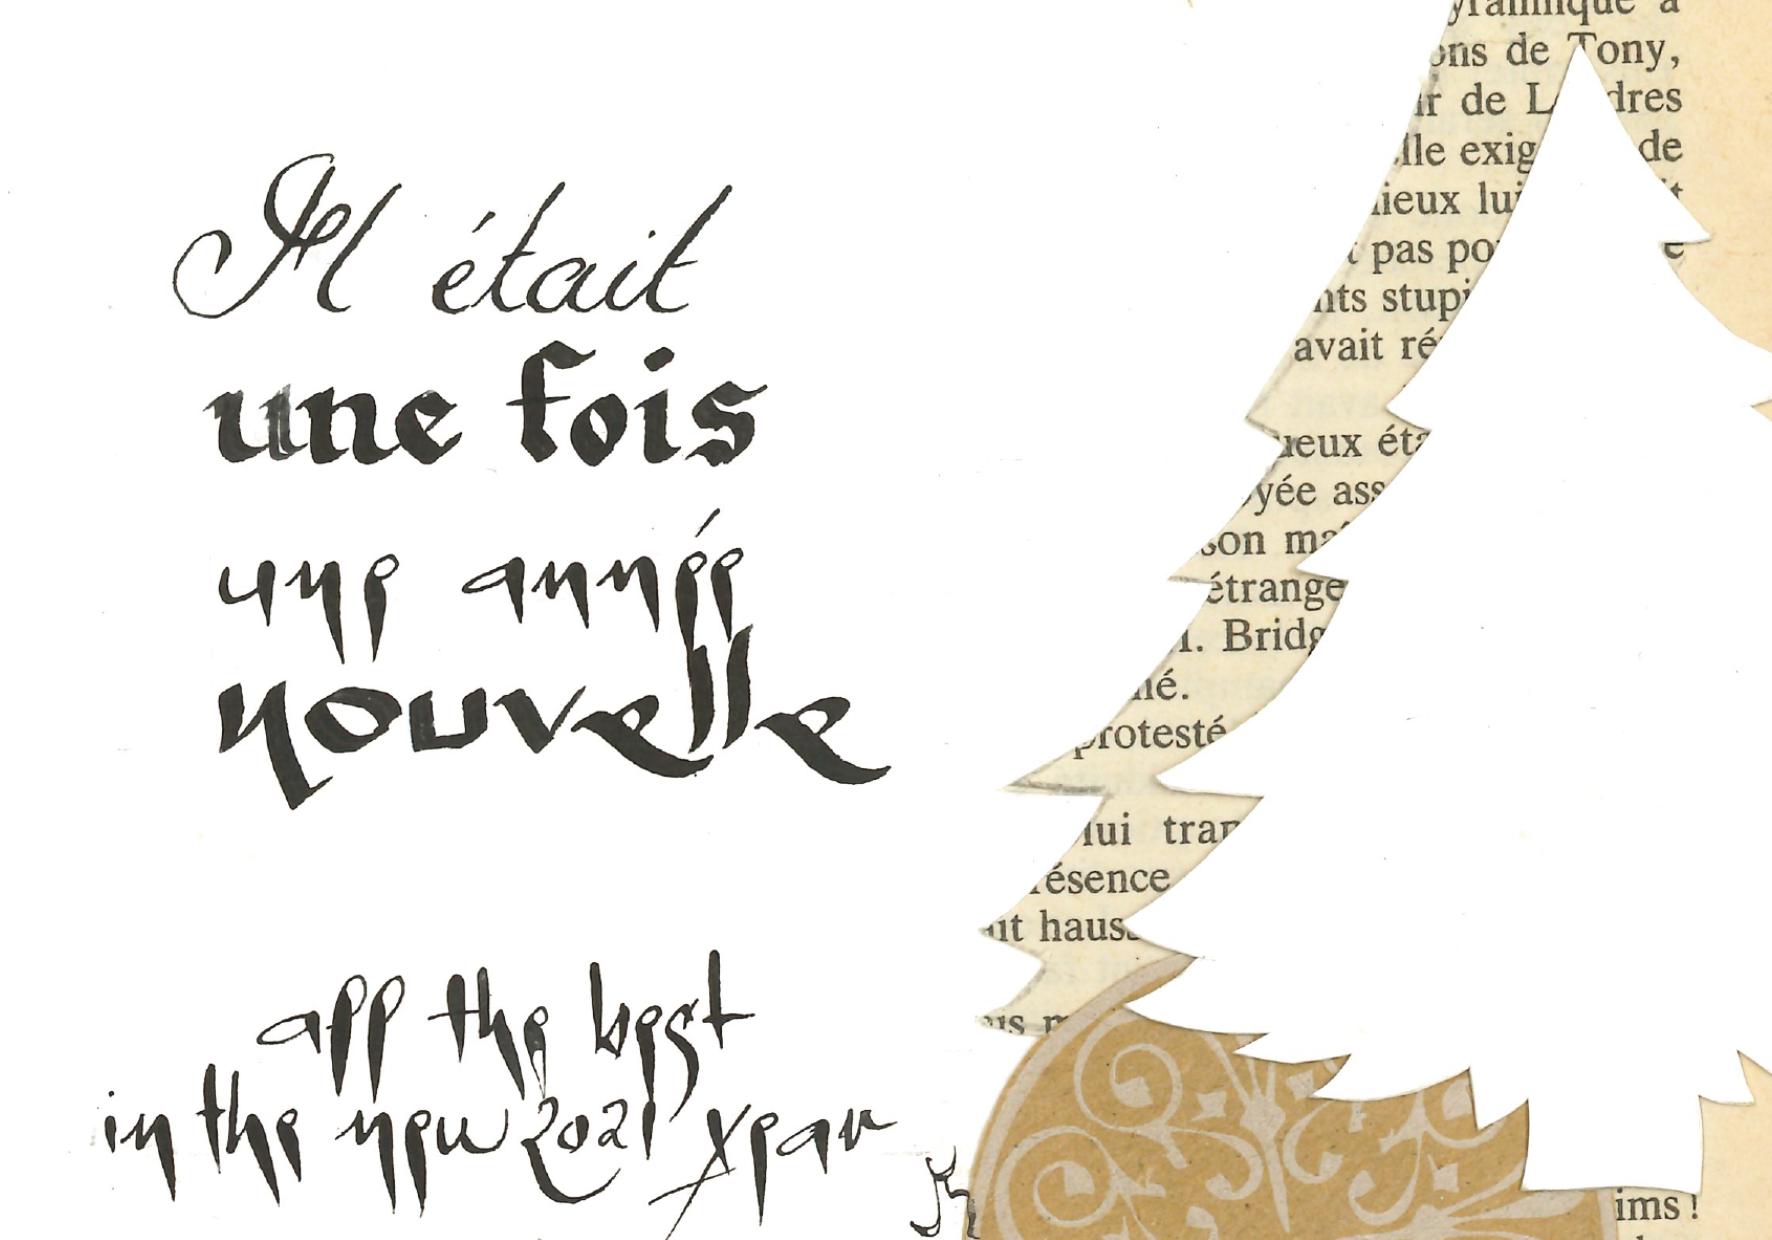 Un collage calligraphié de Vincianne Gouttebarge